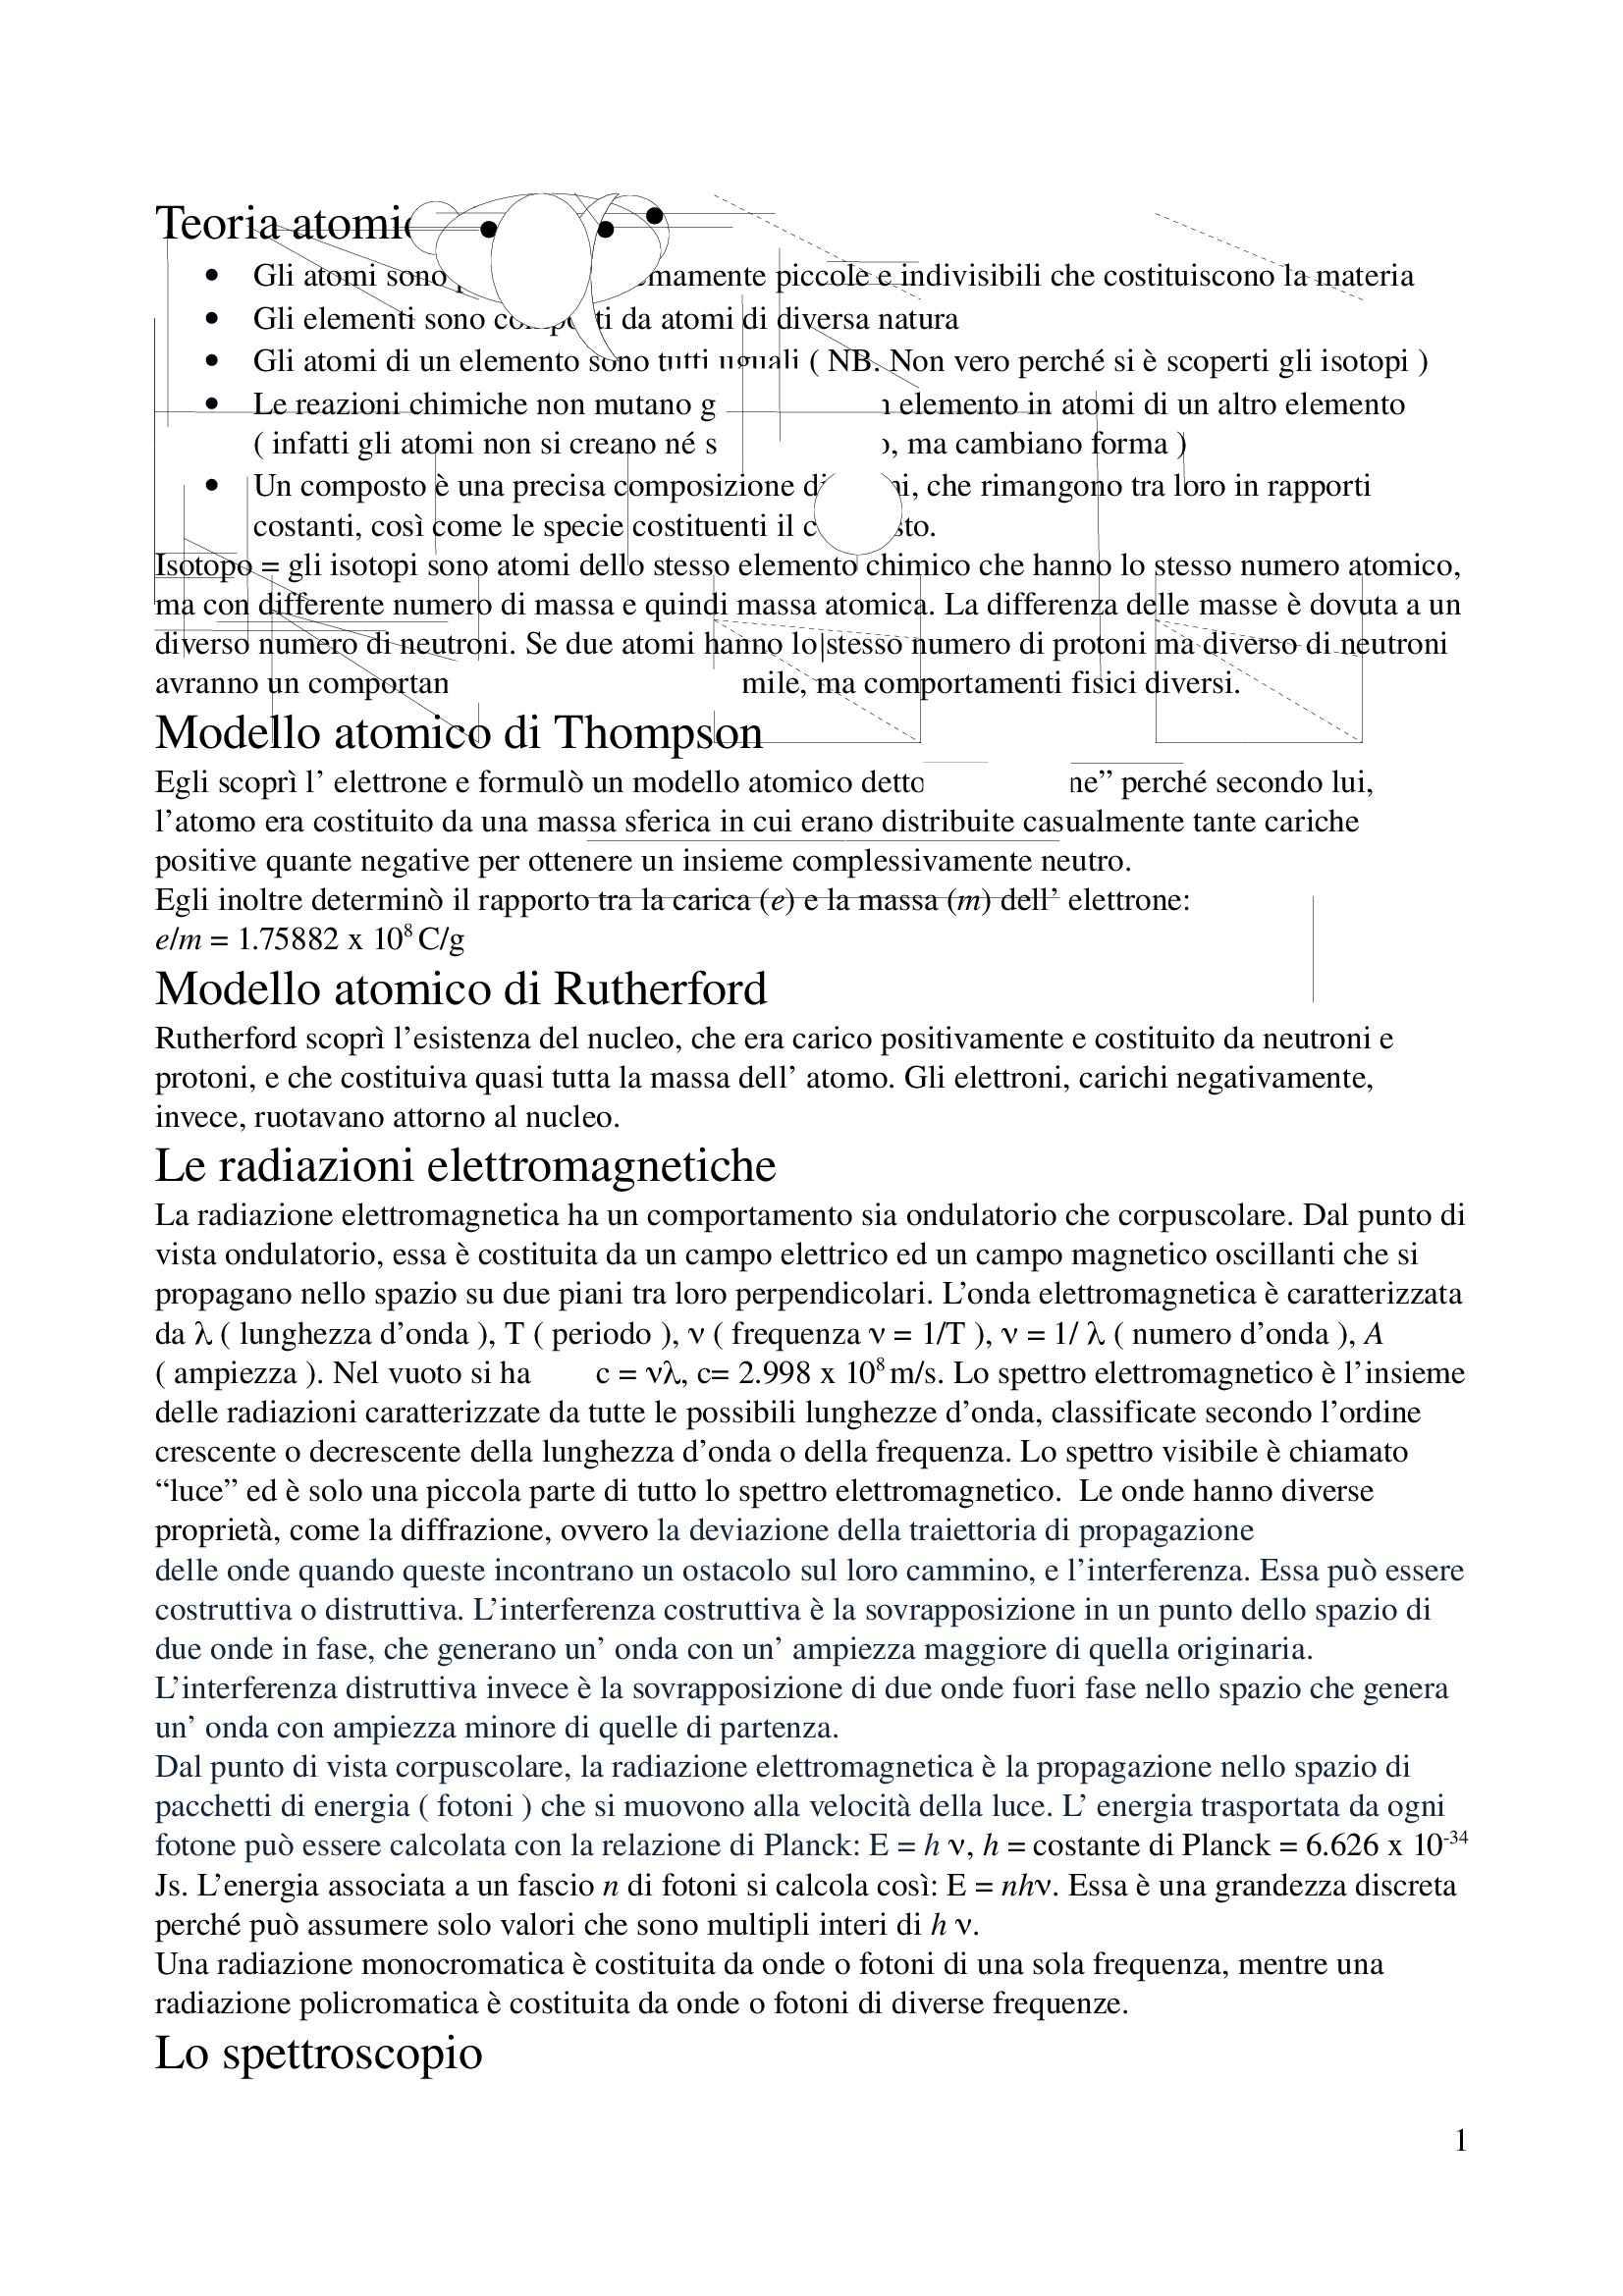 Chimica generale, inorganica e stechiometrica - Appunti